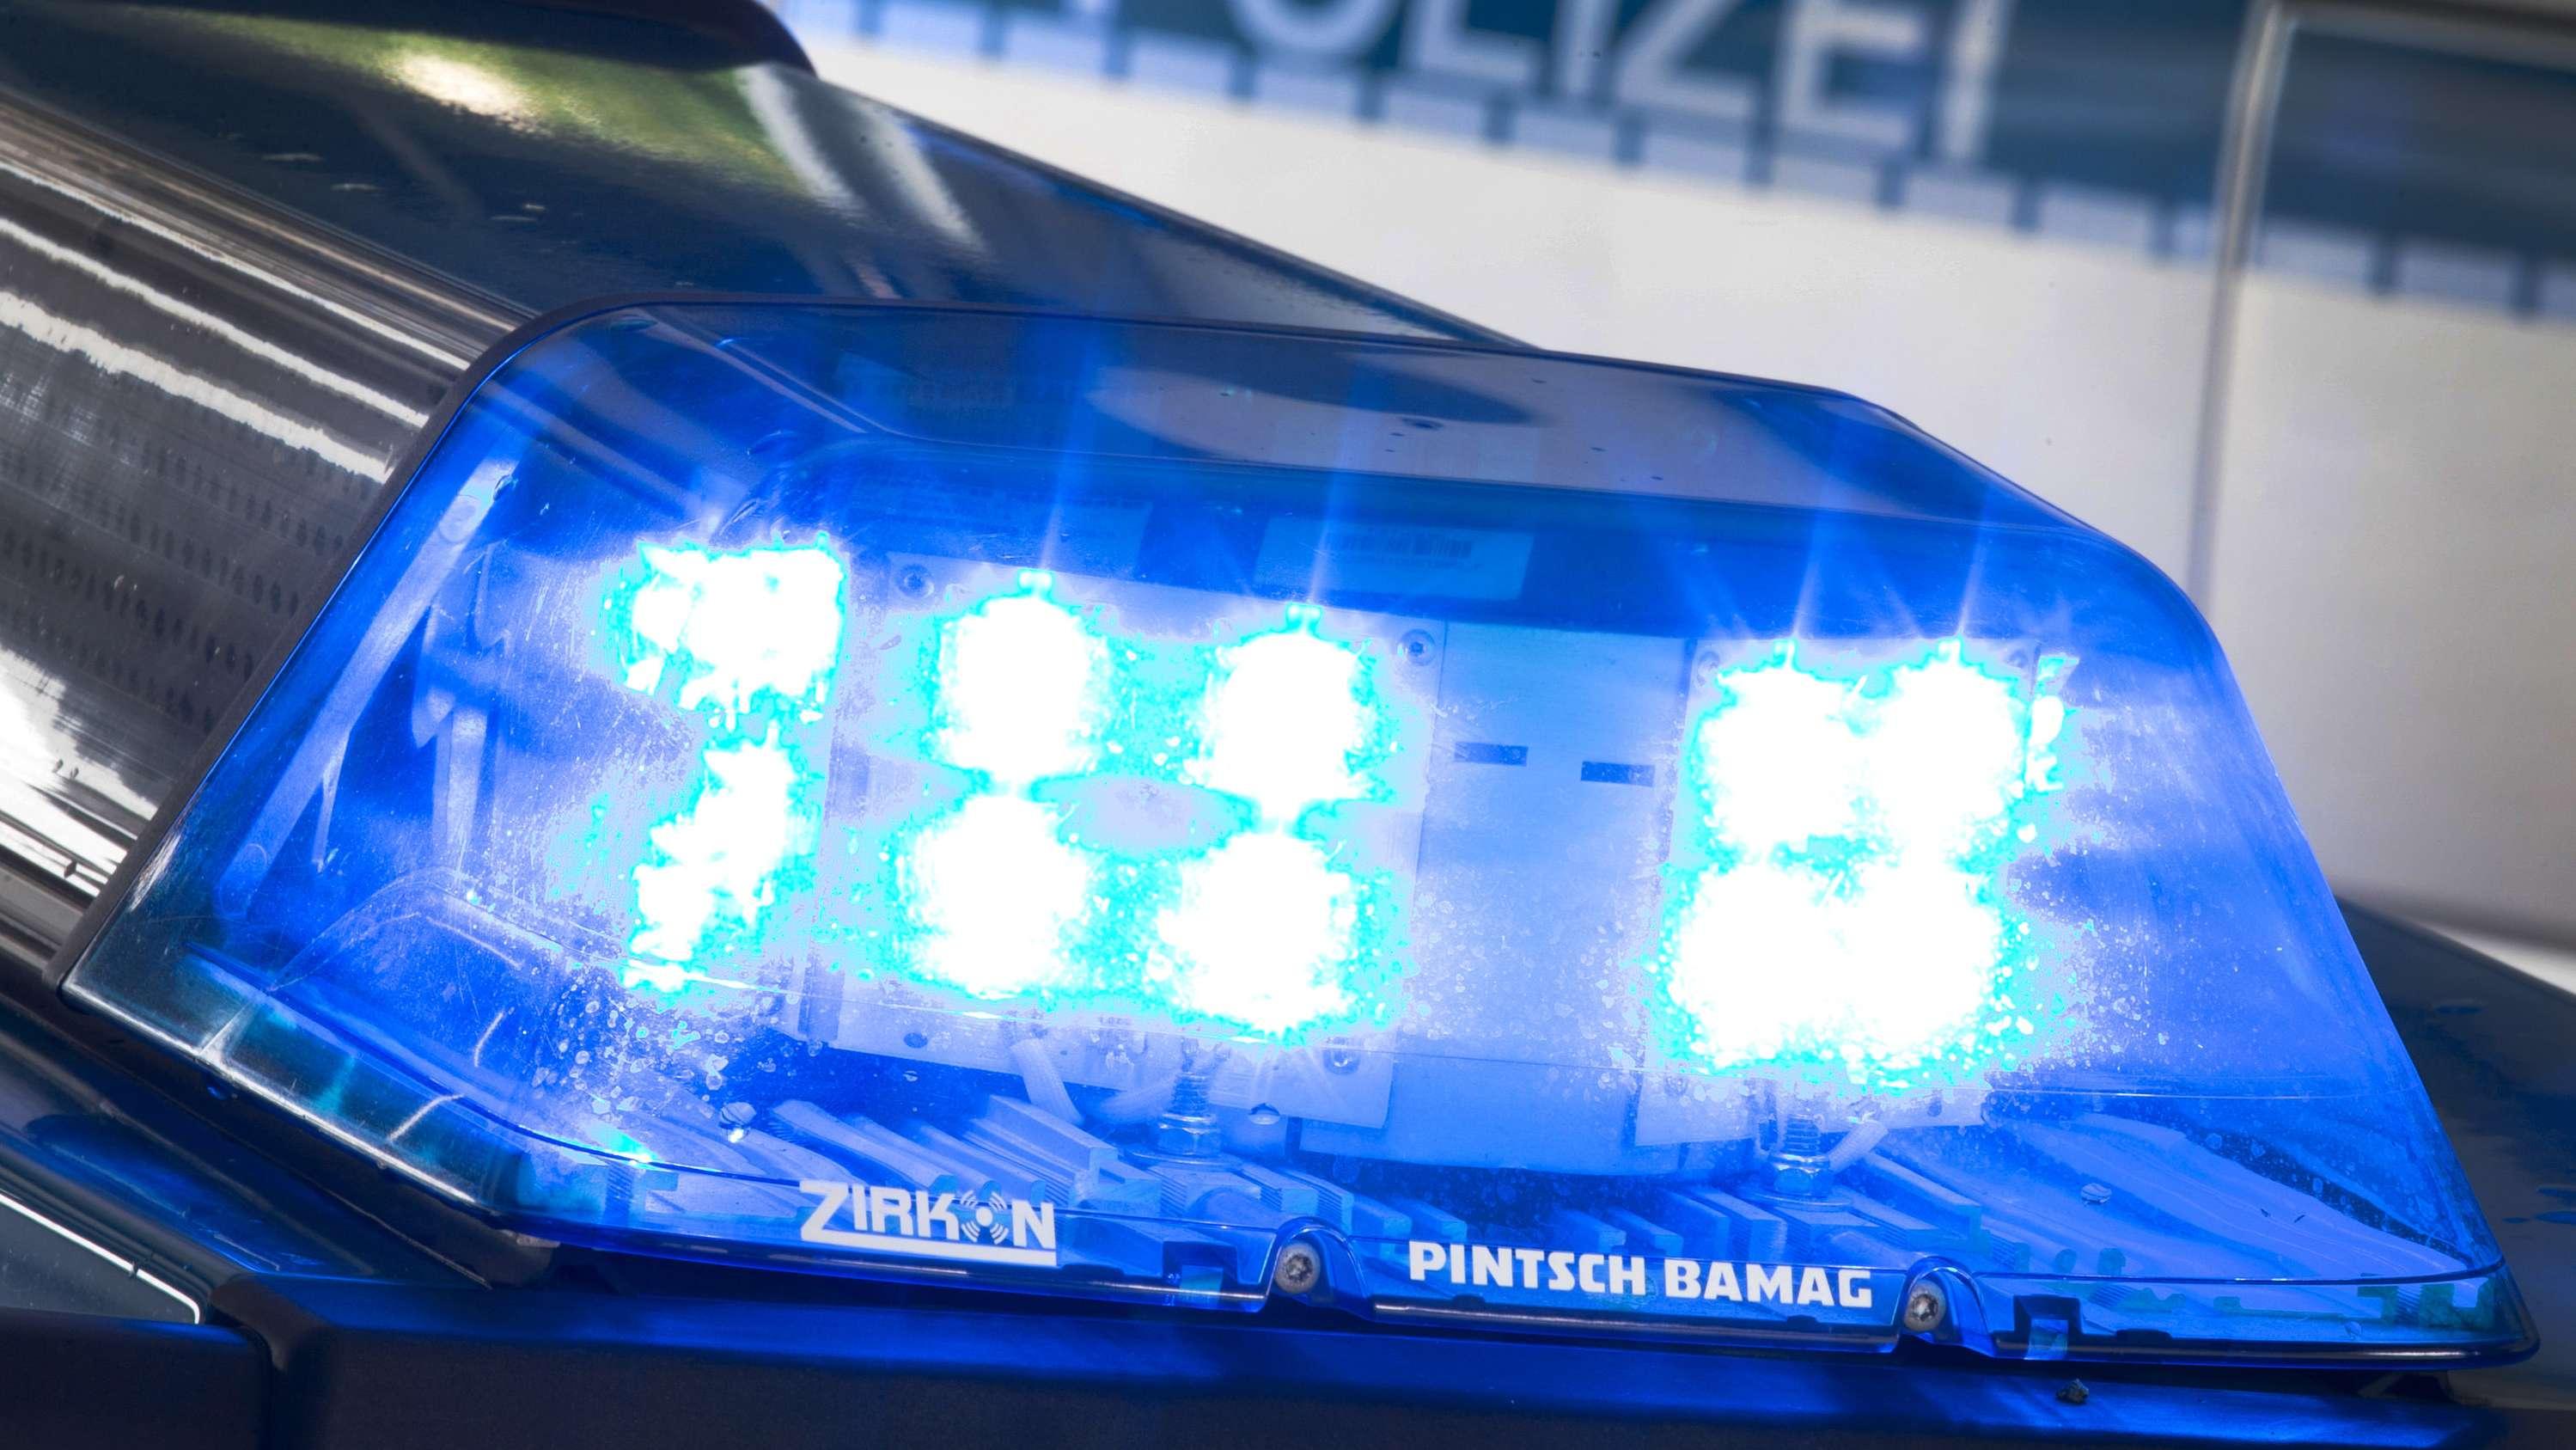 Archivbild: Ein Blaulicht auf dem Dach eines Polizeiwagens.